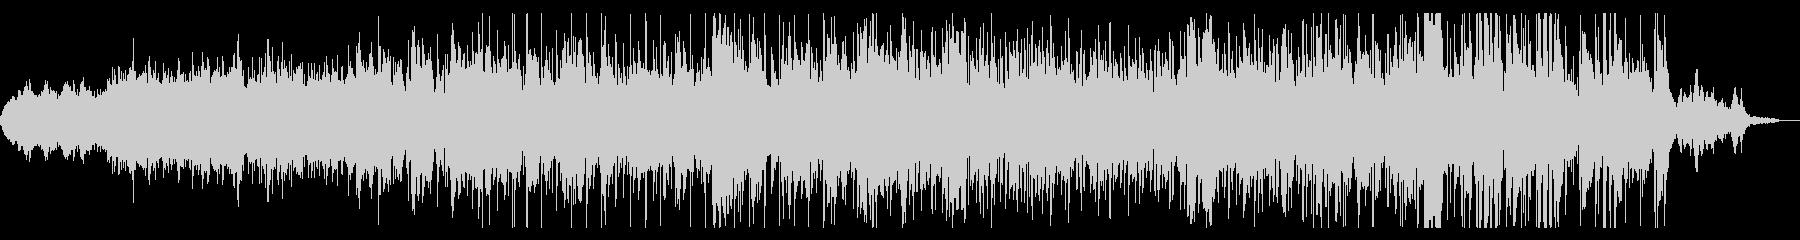 ダークでグリッジなシネマティックBGMの未再生の波形